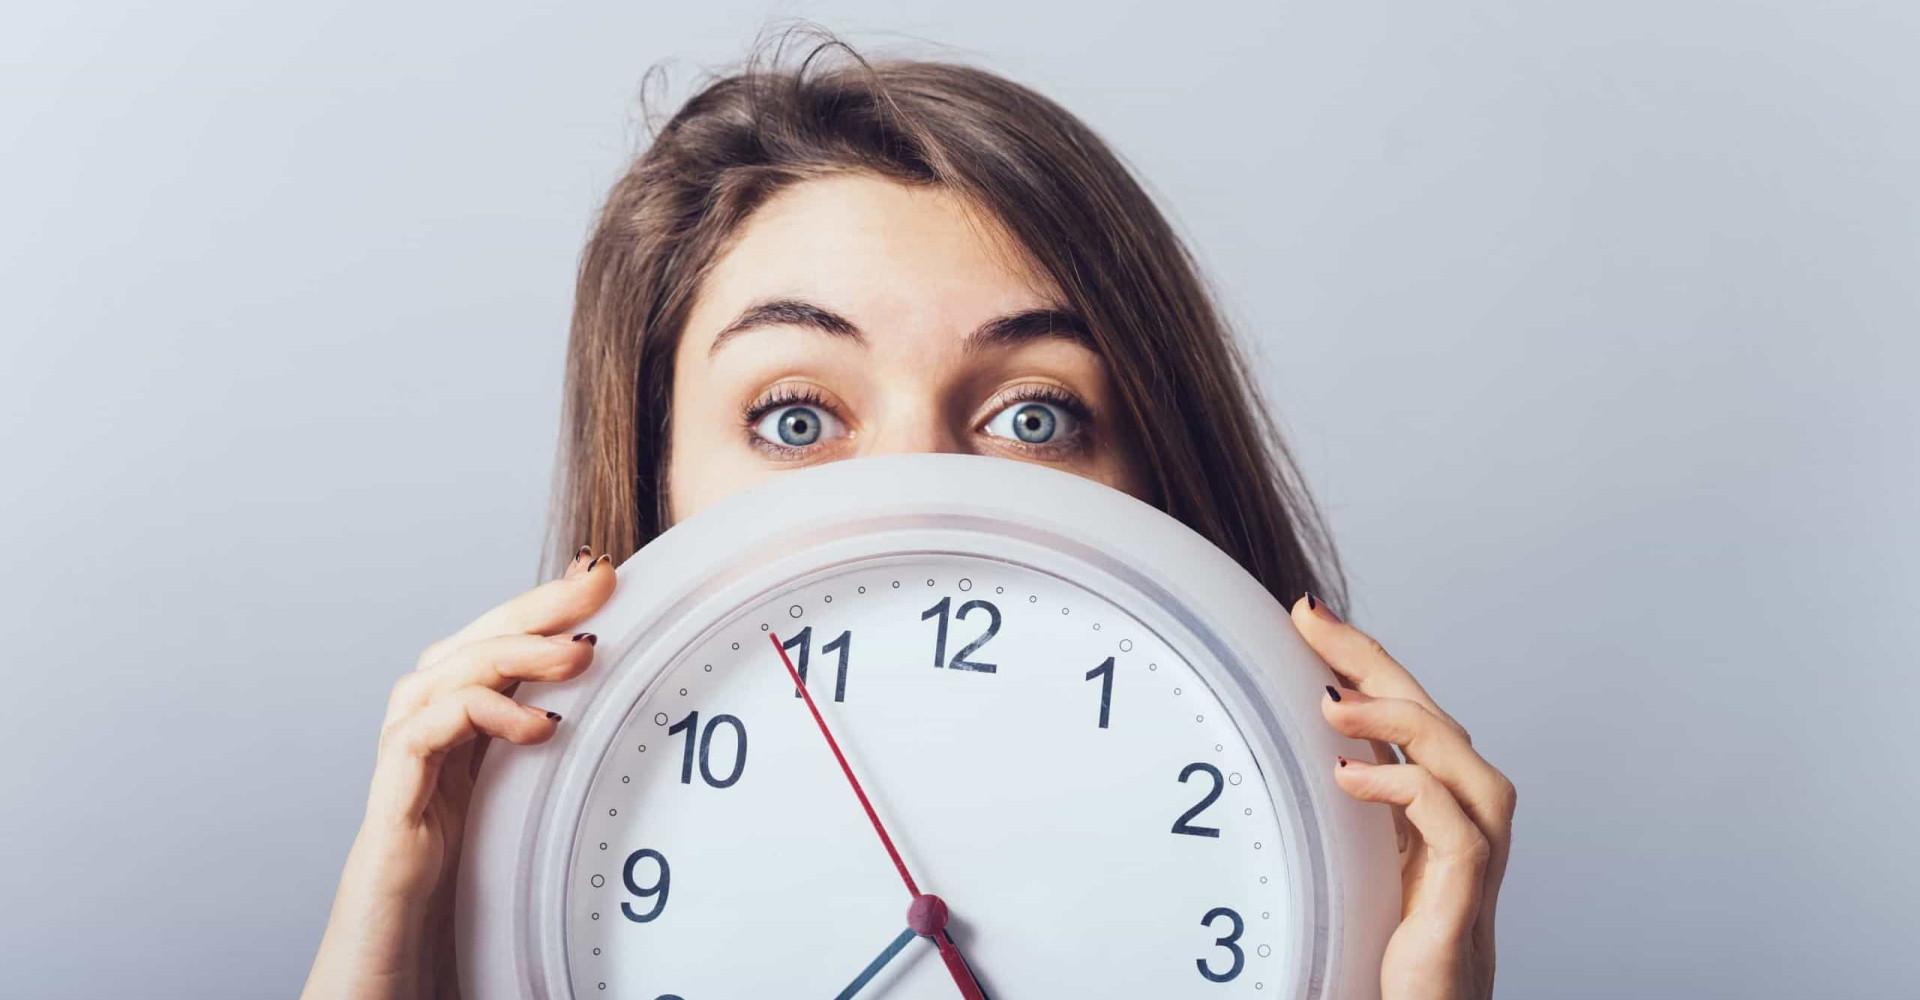 Warum die Zeit schneller zu vergehen scheint, je älter wir werden